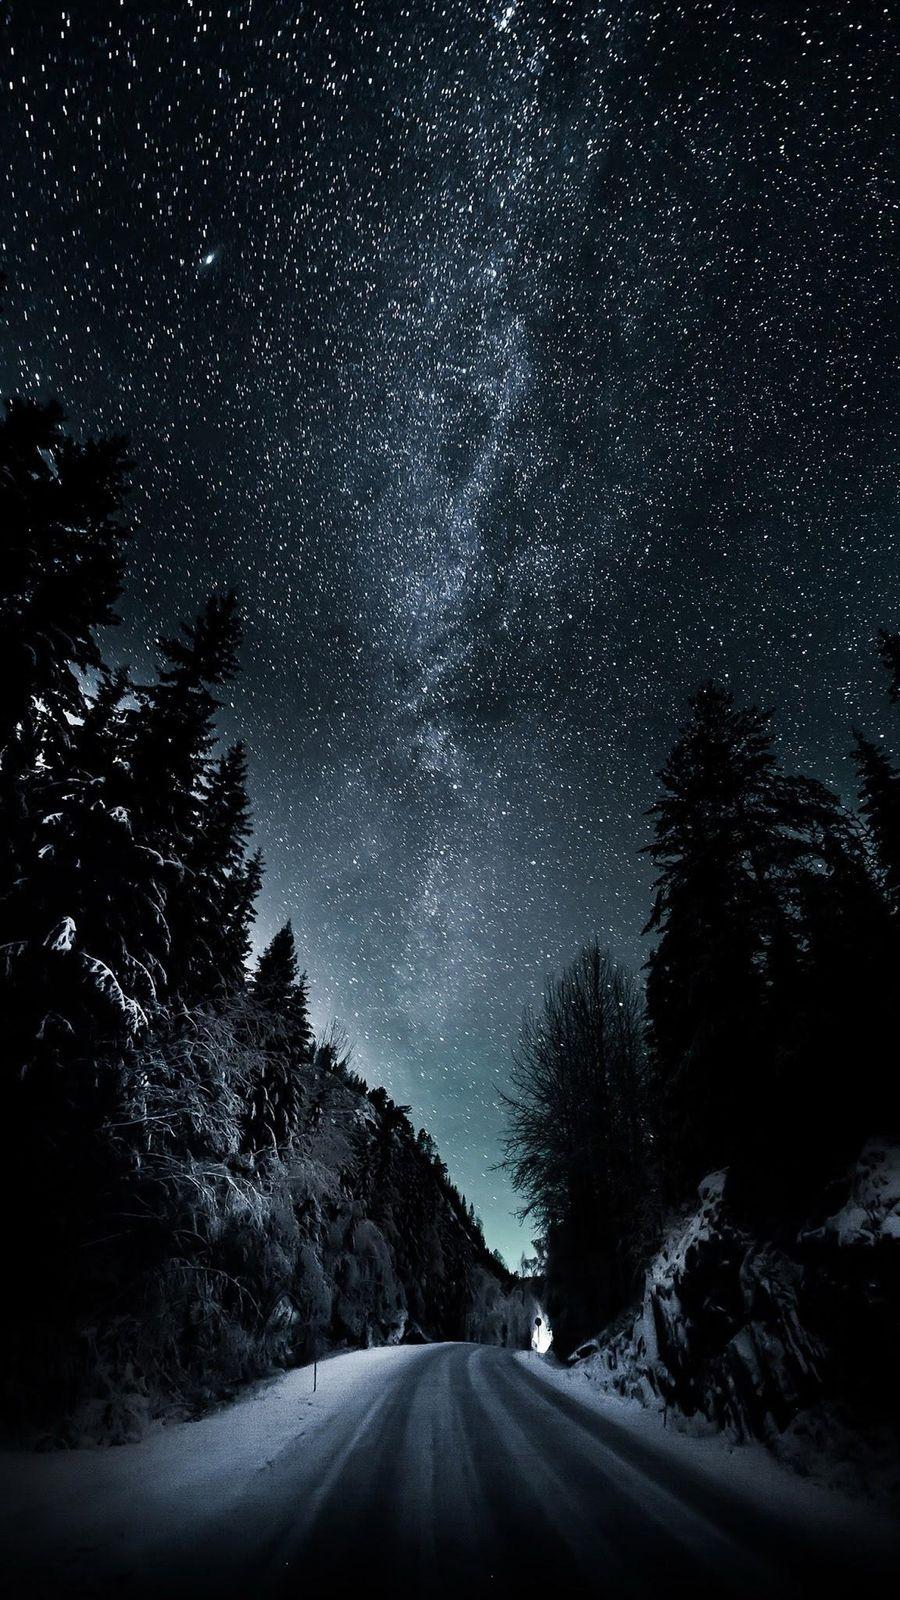 Обои на телефон черные, стена, оригинальные, ночь, небо, звезды, stills, plus, hd